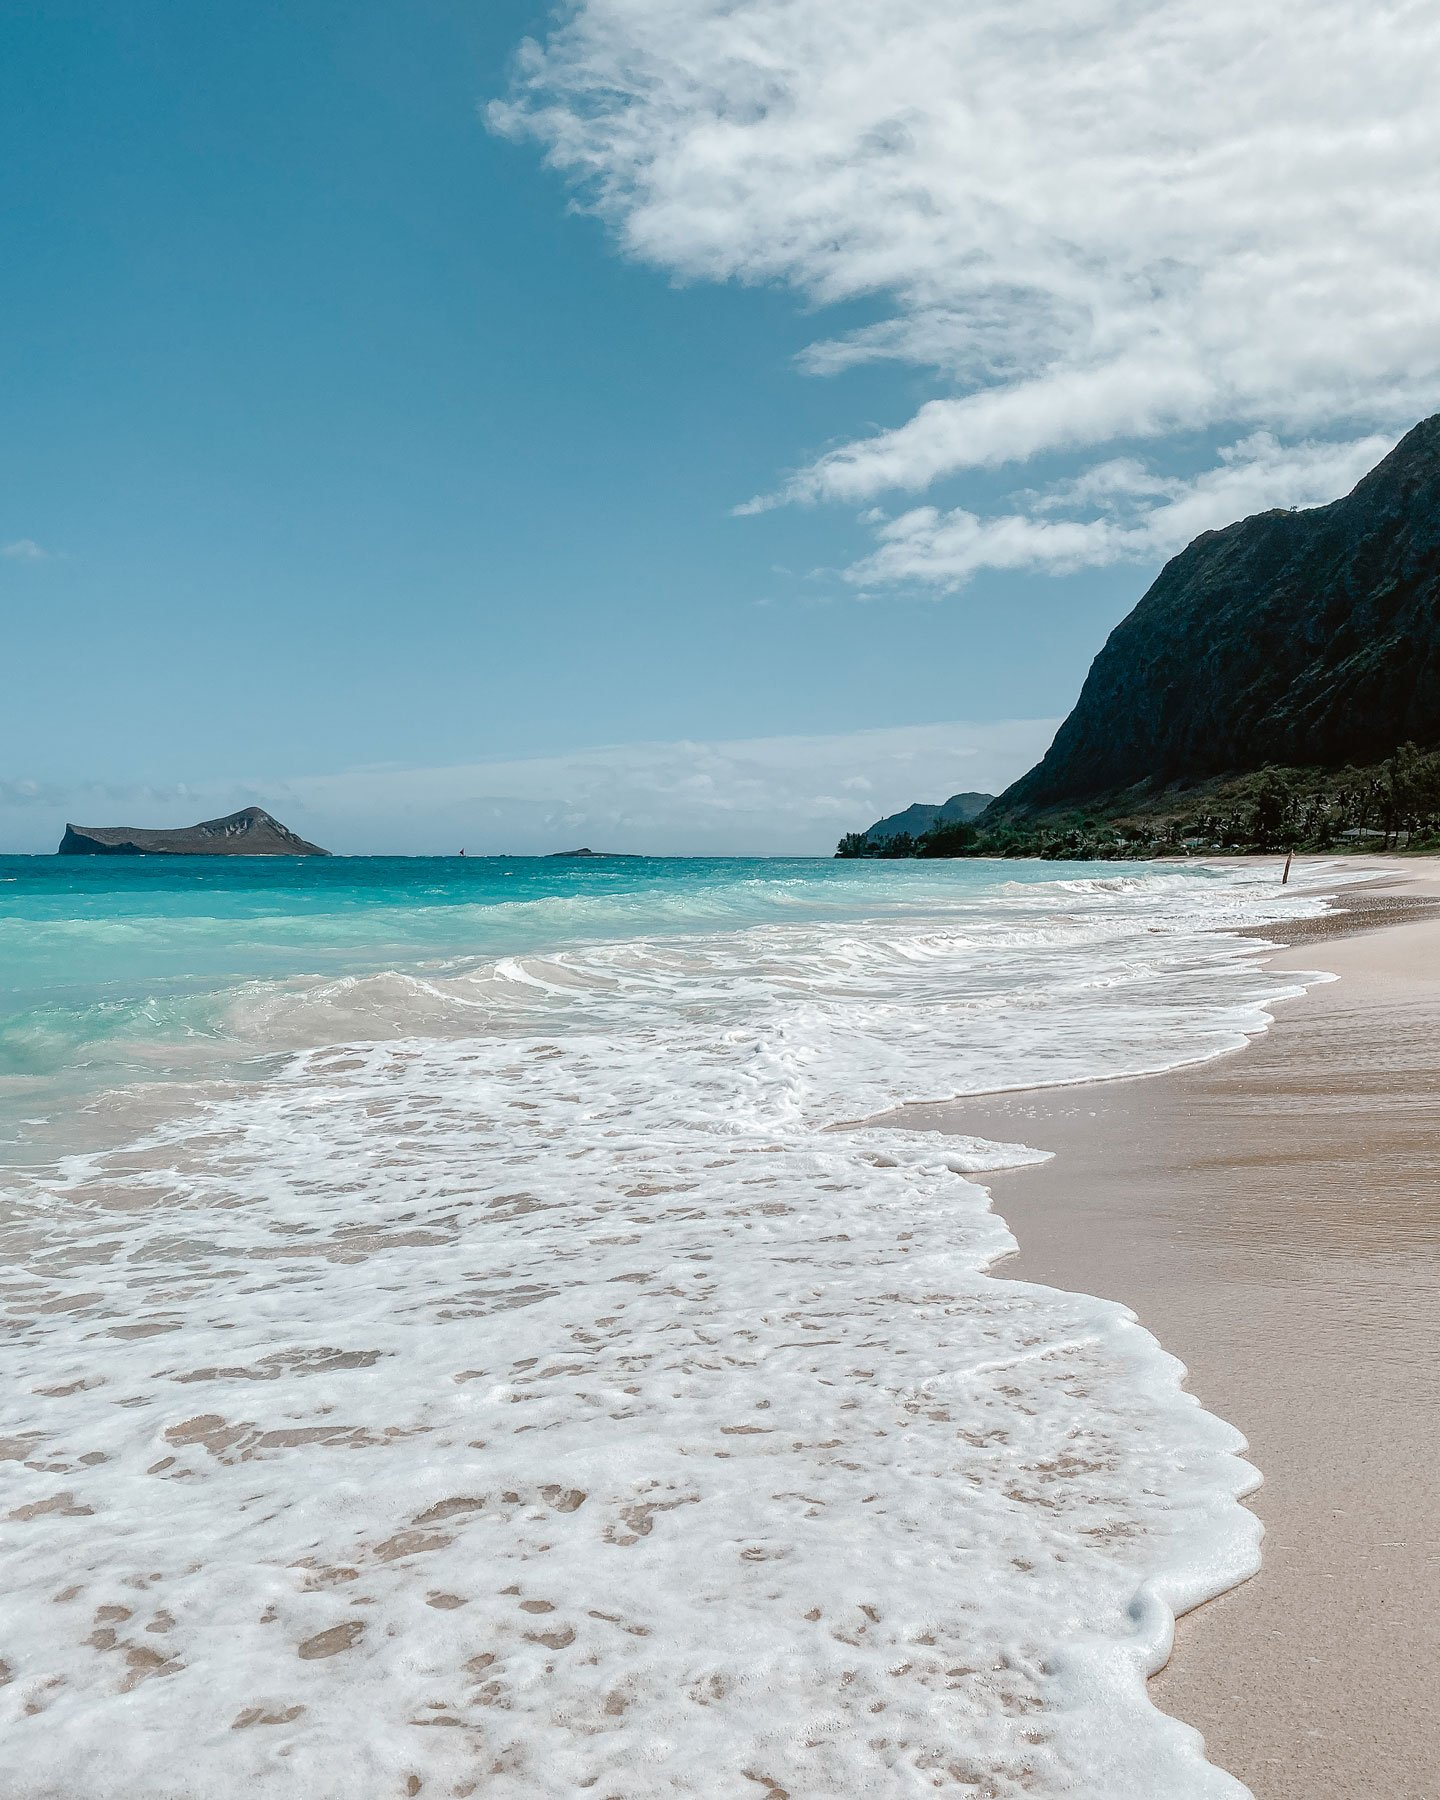 Waimanalo beach oahu acharmingescape